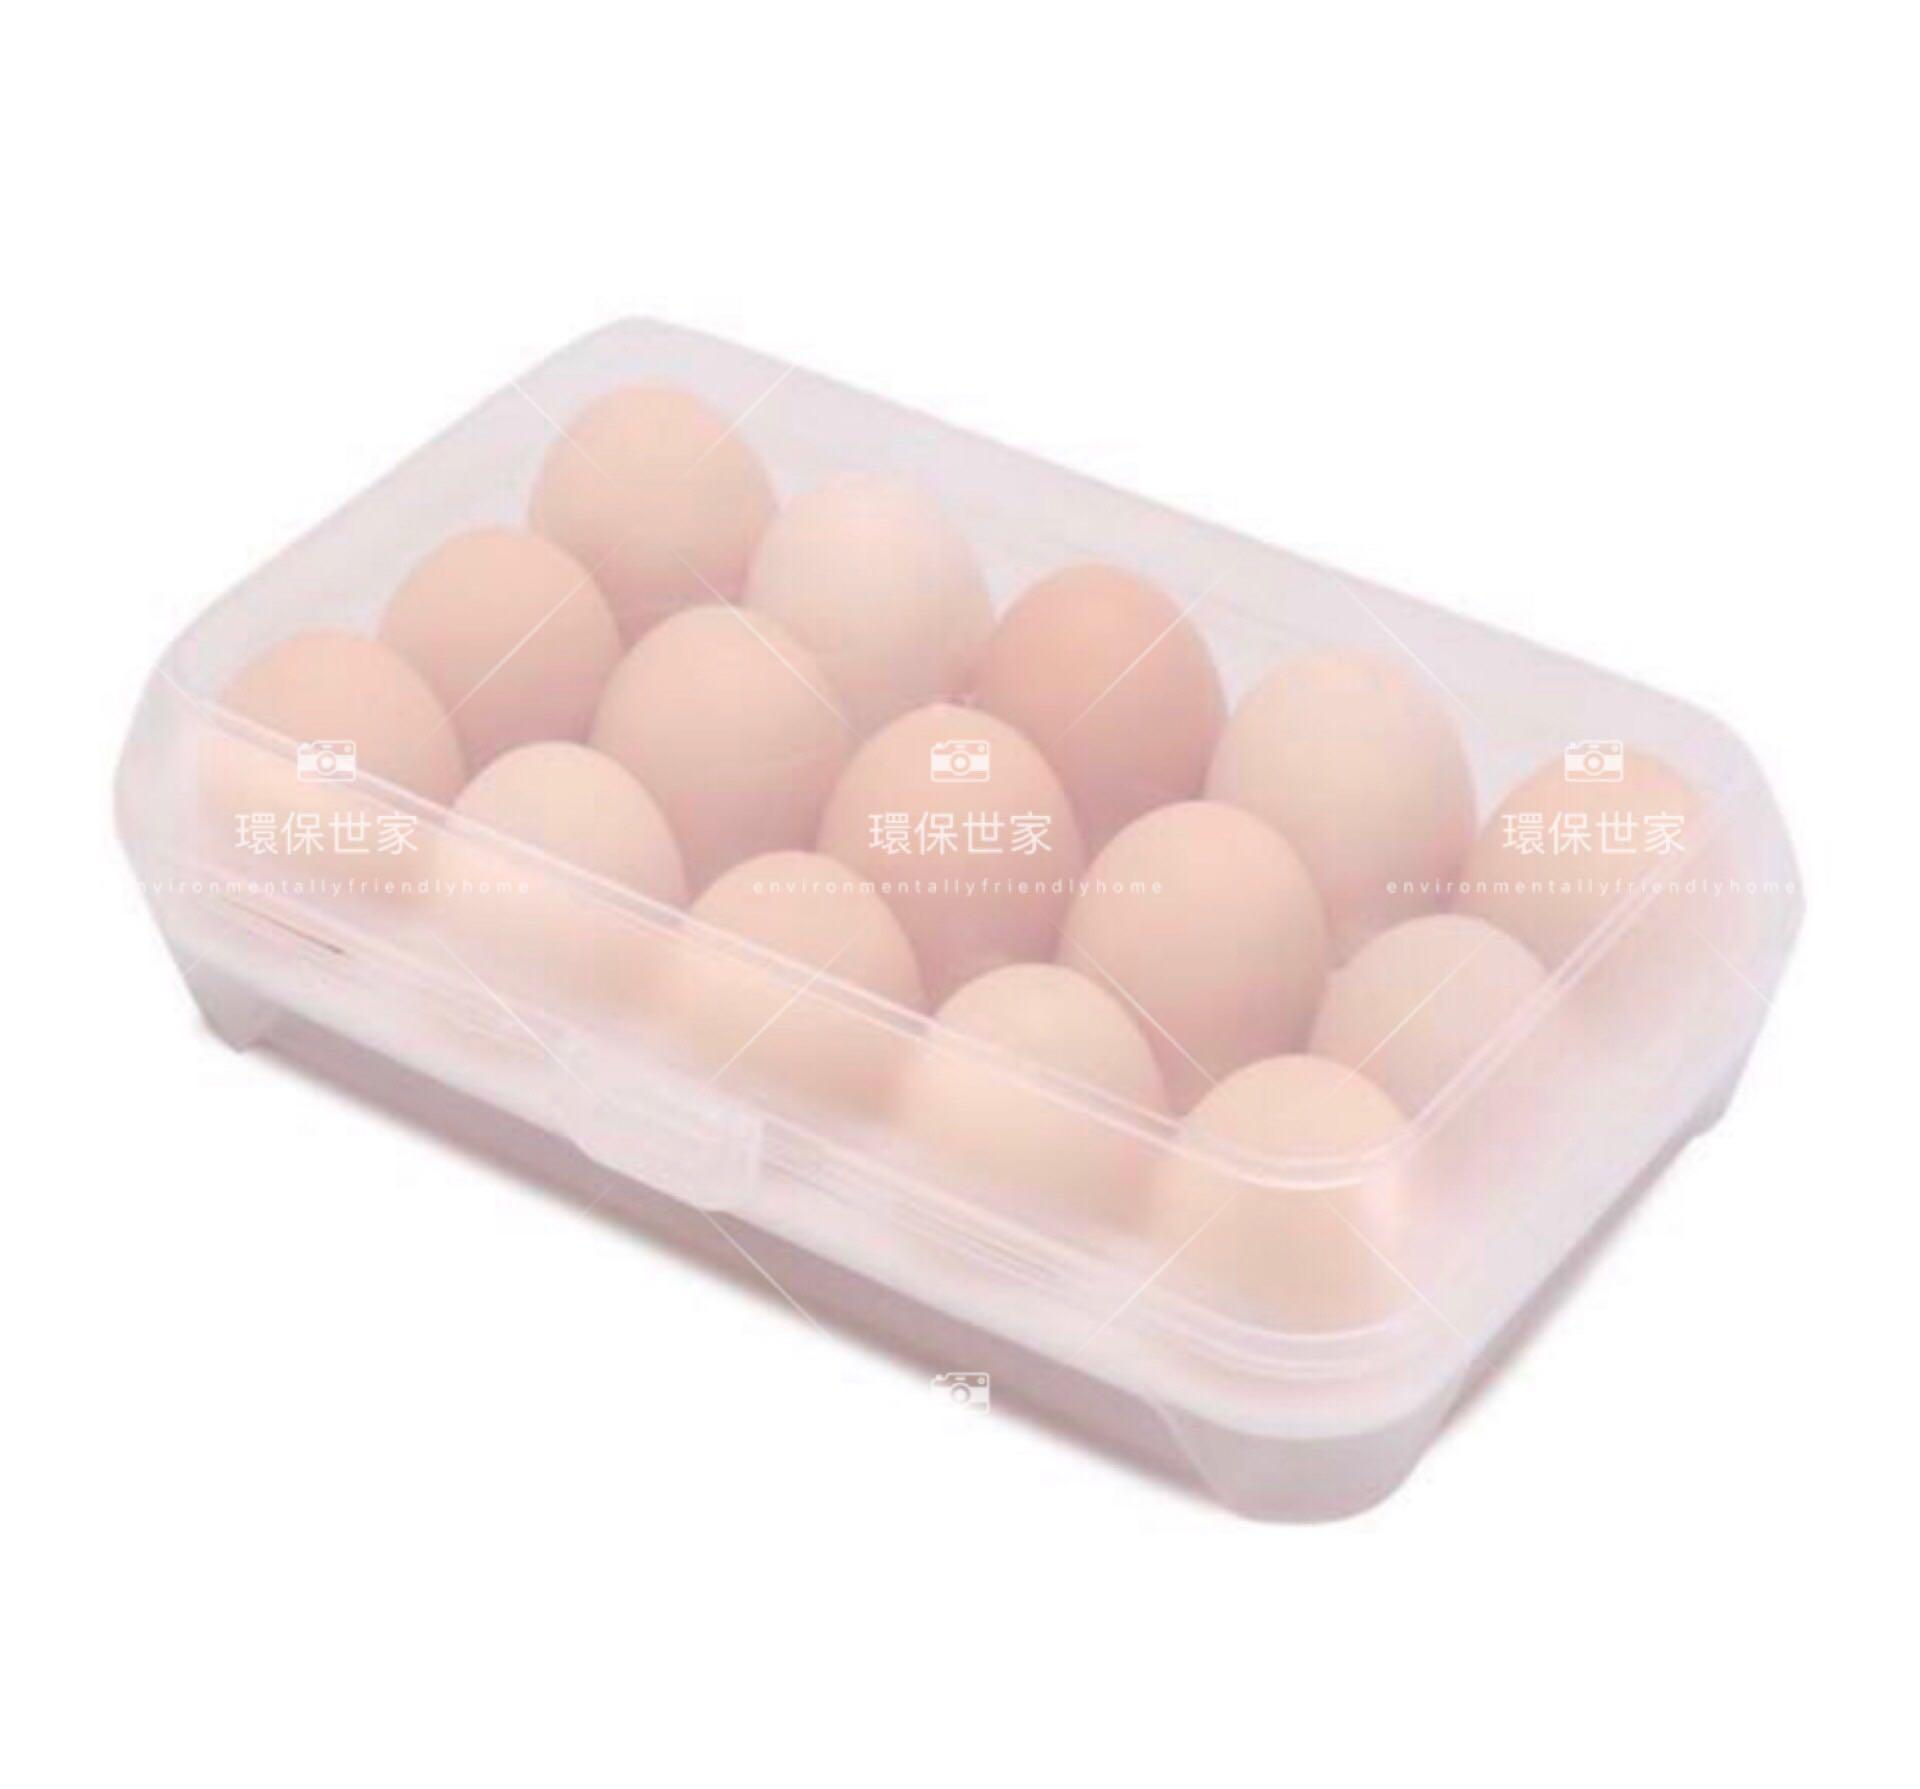 [限時特價]15格雞蛋環保收納盒